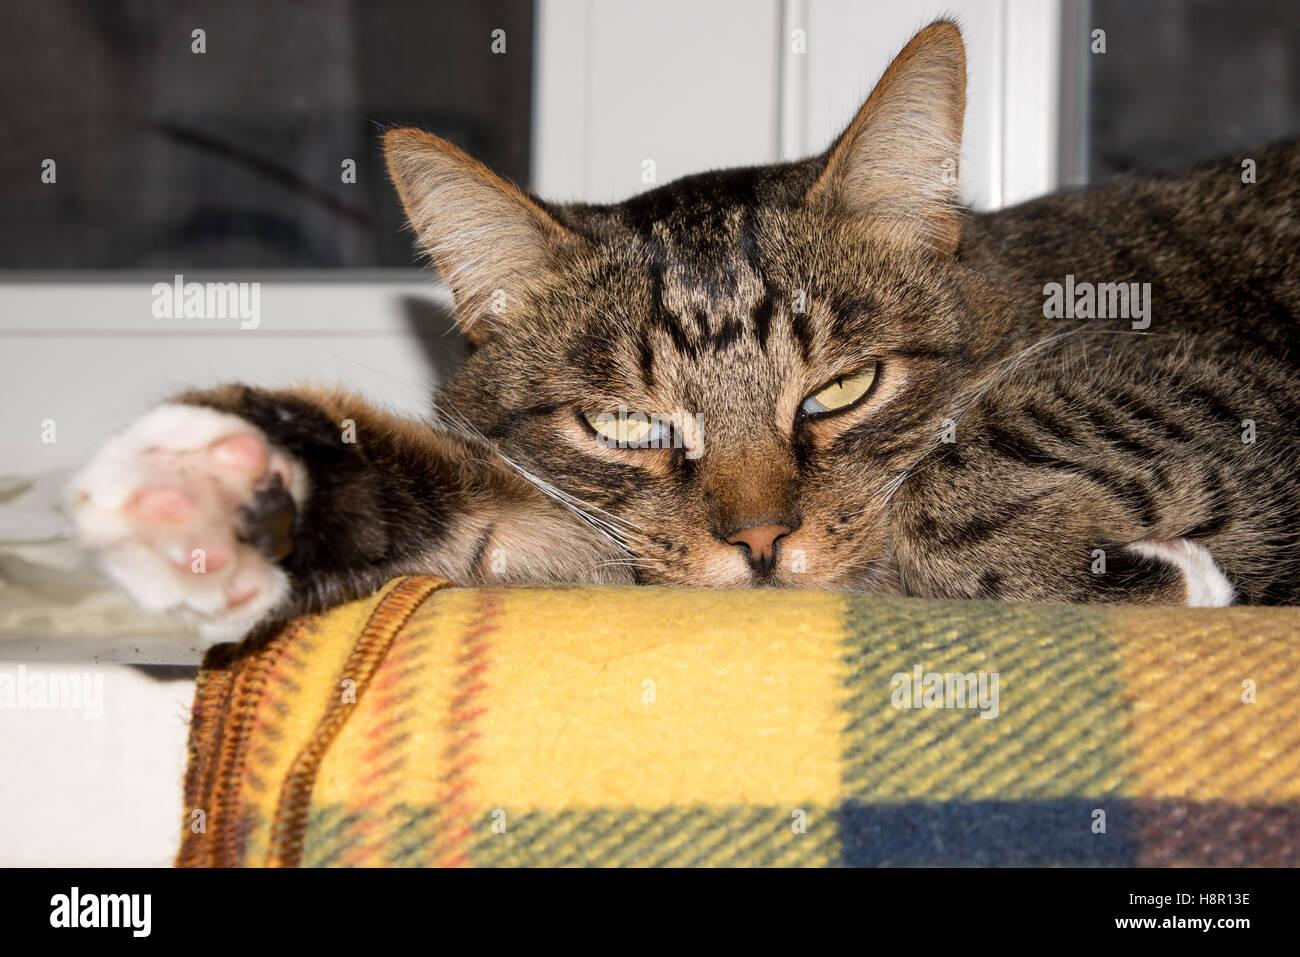 Cat resting cat on a sofa in blur background cute funny cat